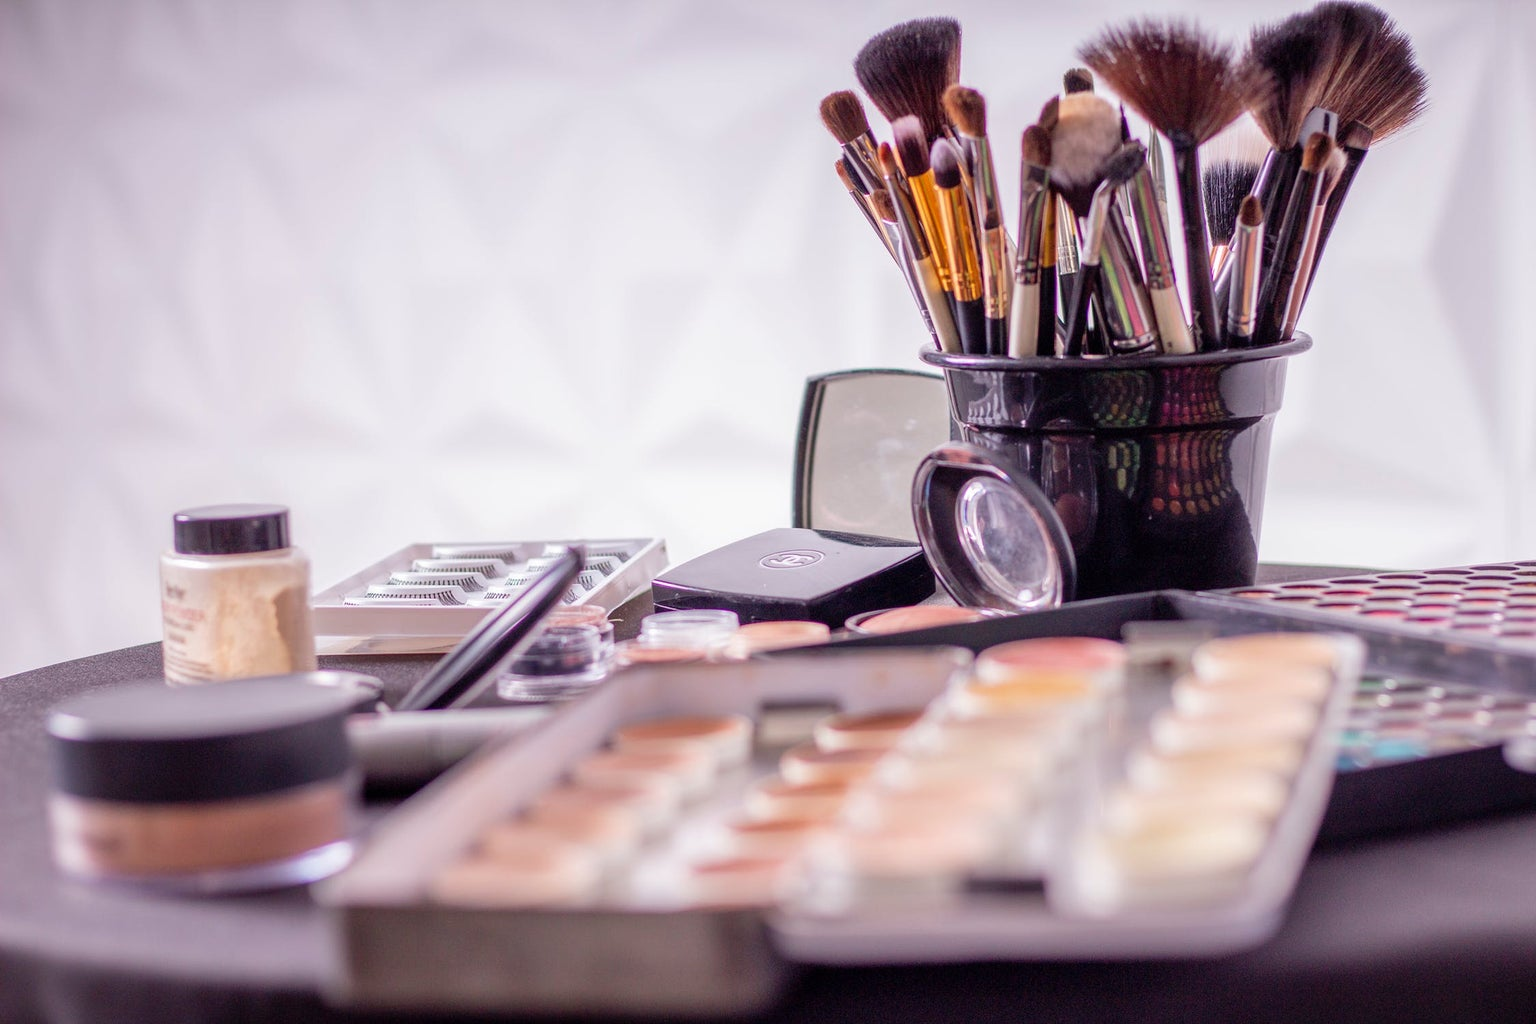 various makeup utensils